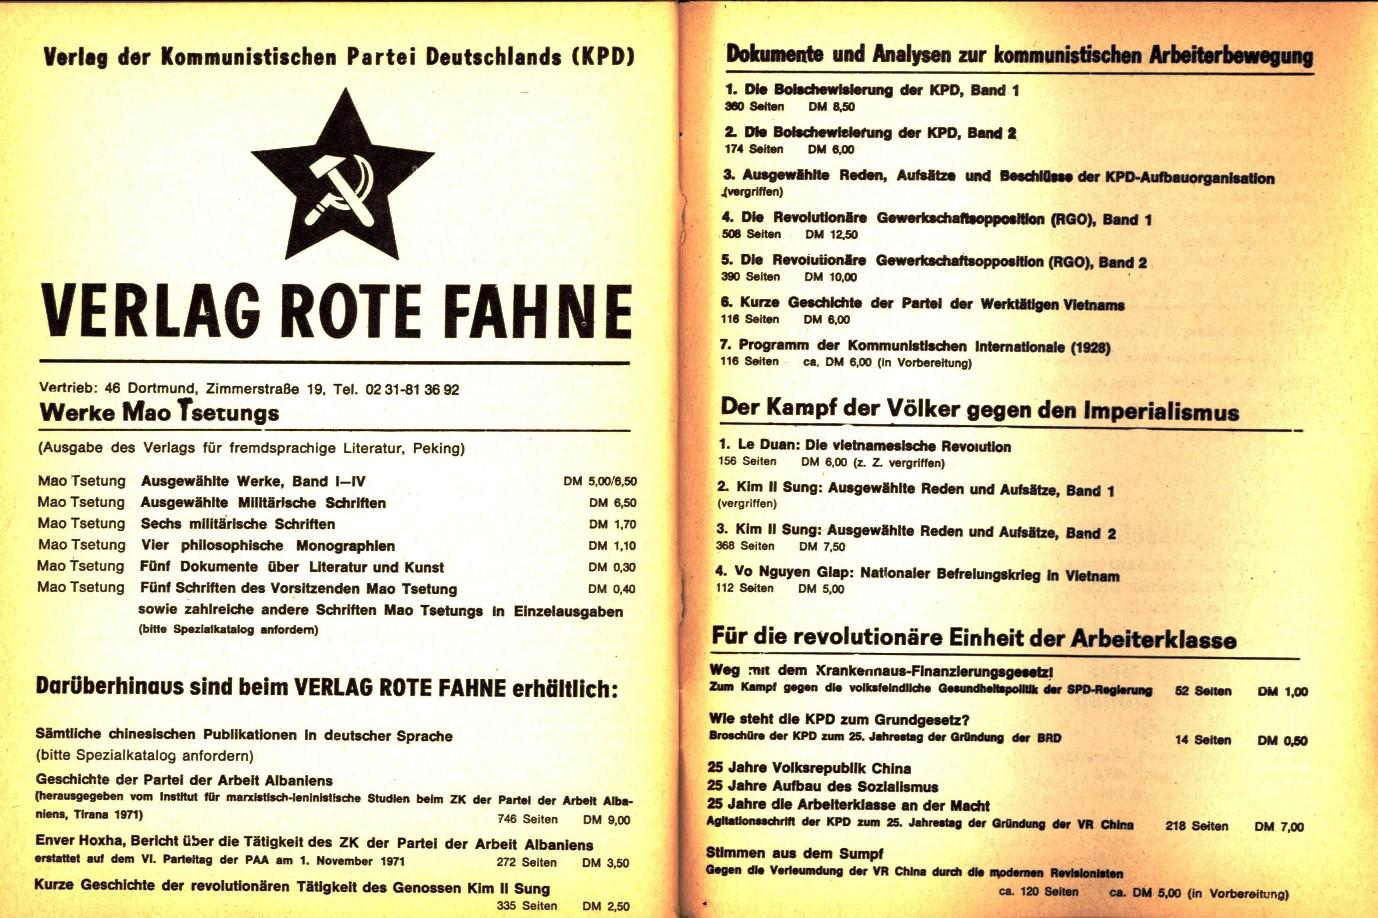 KPDAO_1974_30_Jahre_Befreiung_Albaniens_32